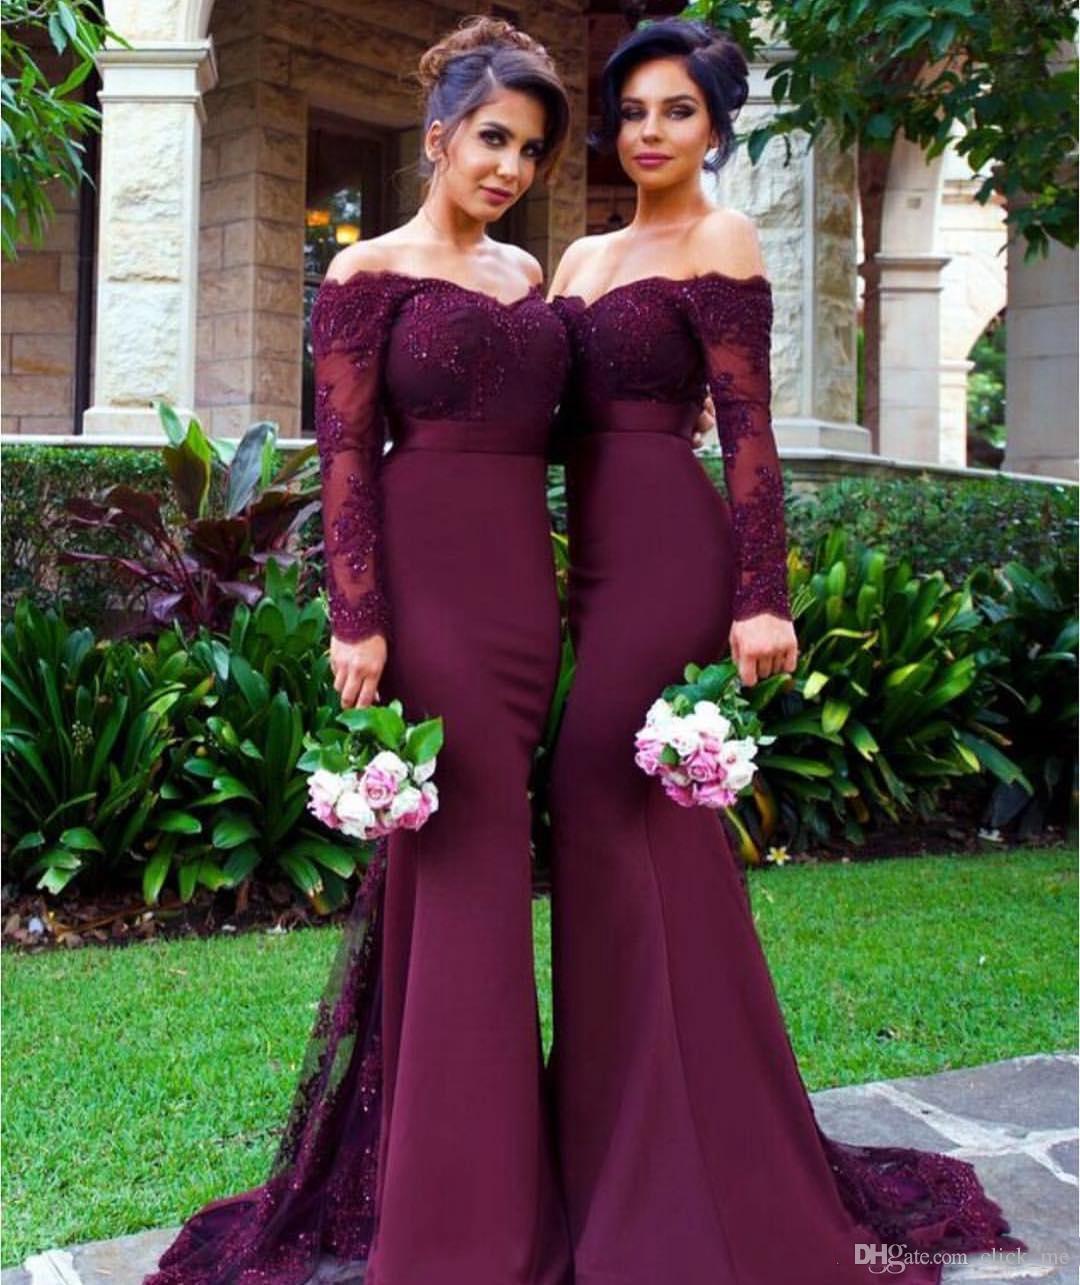 412e1f73767 Acheter Robes De Demoiselle D honneur Manches Longues Violet Sirène Hors  Épaule Robe De Demoiselle D honneur De Campagne Robes Junior Dentelle Sash  Robe De ...